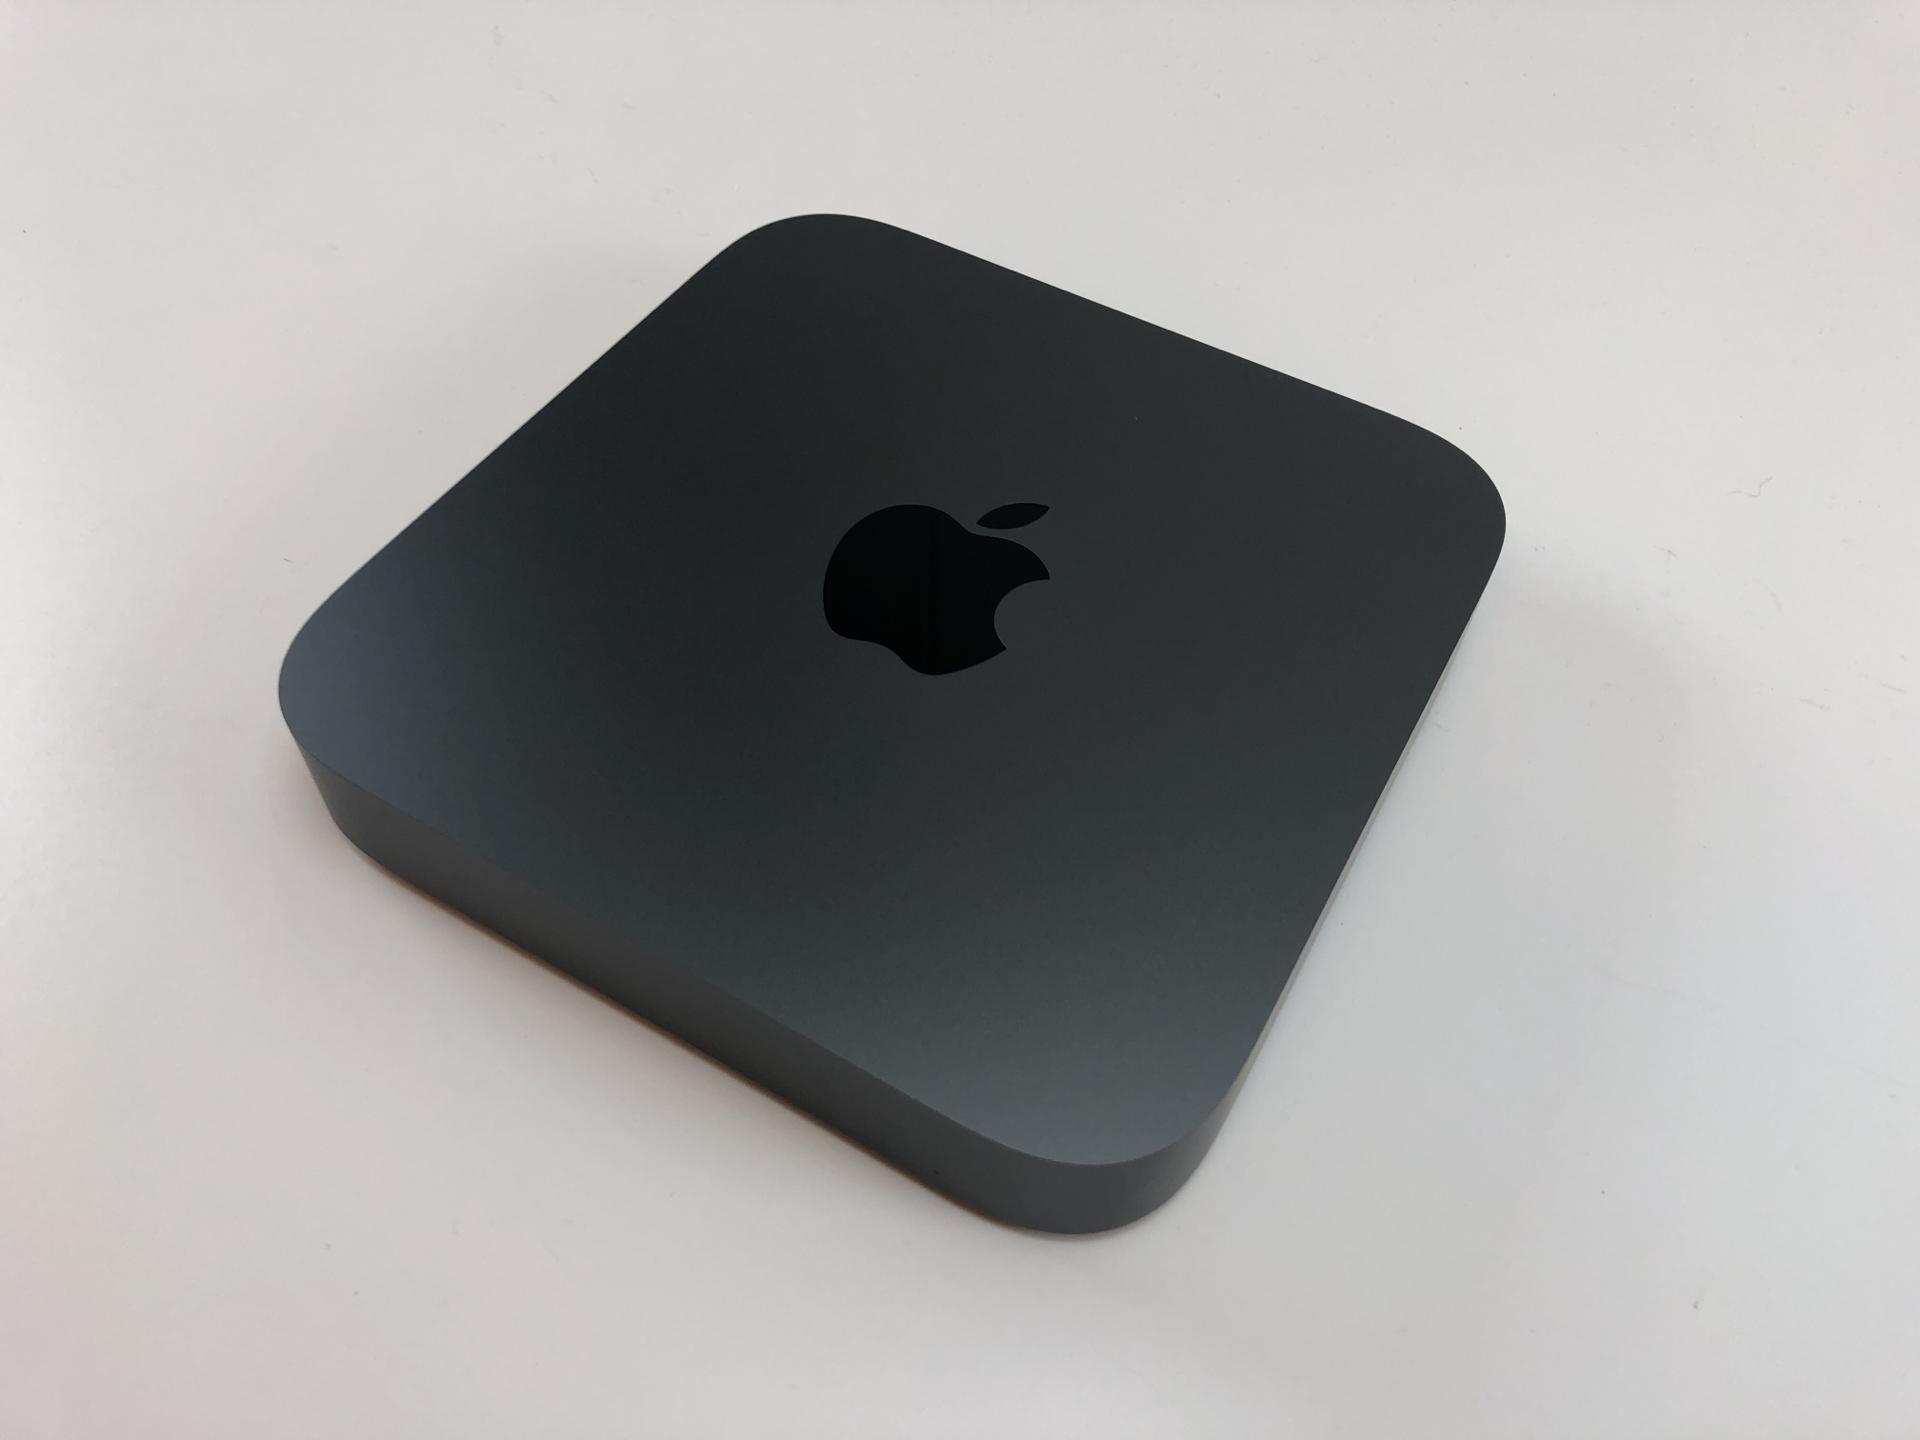 Mac Mini Late 2018 (Intel Quad-Core i3 3.6 GHz 32 GB RAM 128 GB SSD), Intel Quad-Core i3 3.6 GHz, 32 GB RAM, 128 GB SSD, imagen 2